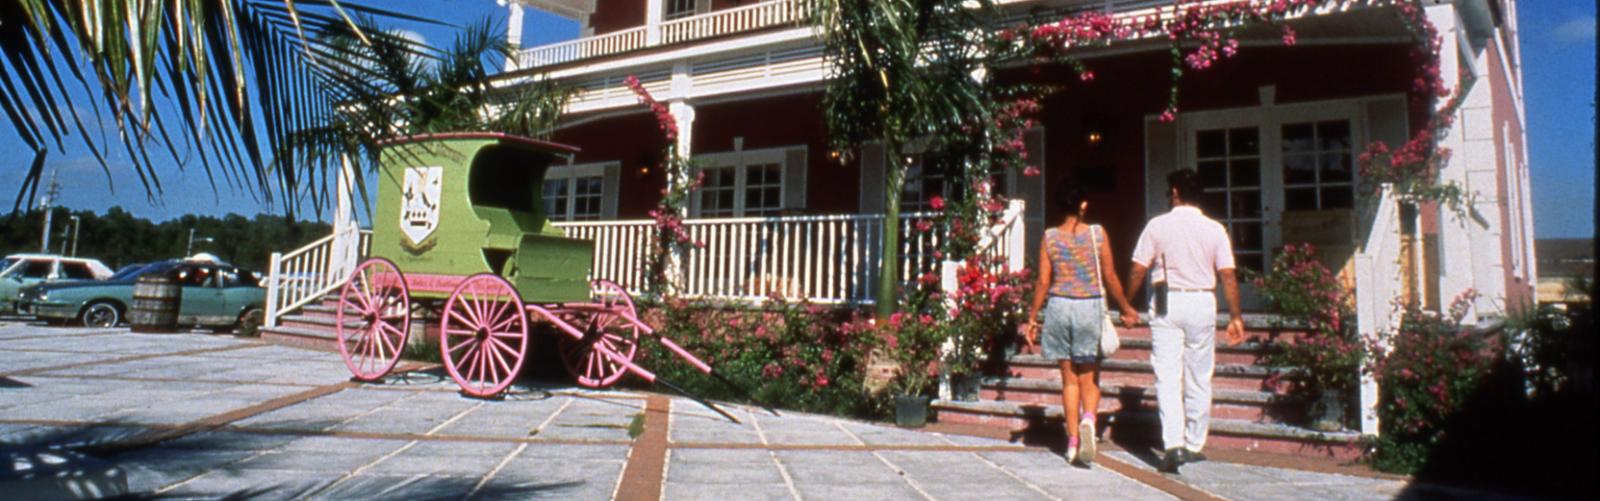 Grand Bahamas History